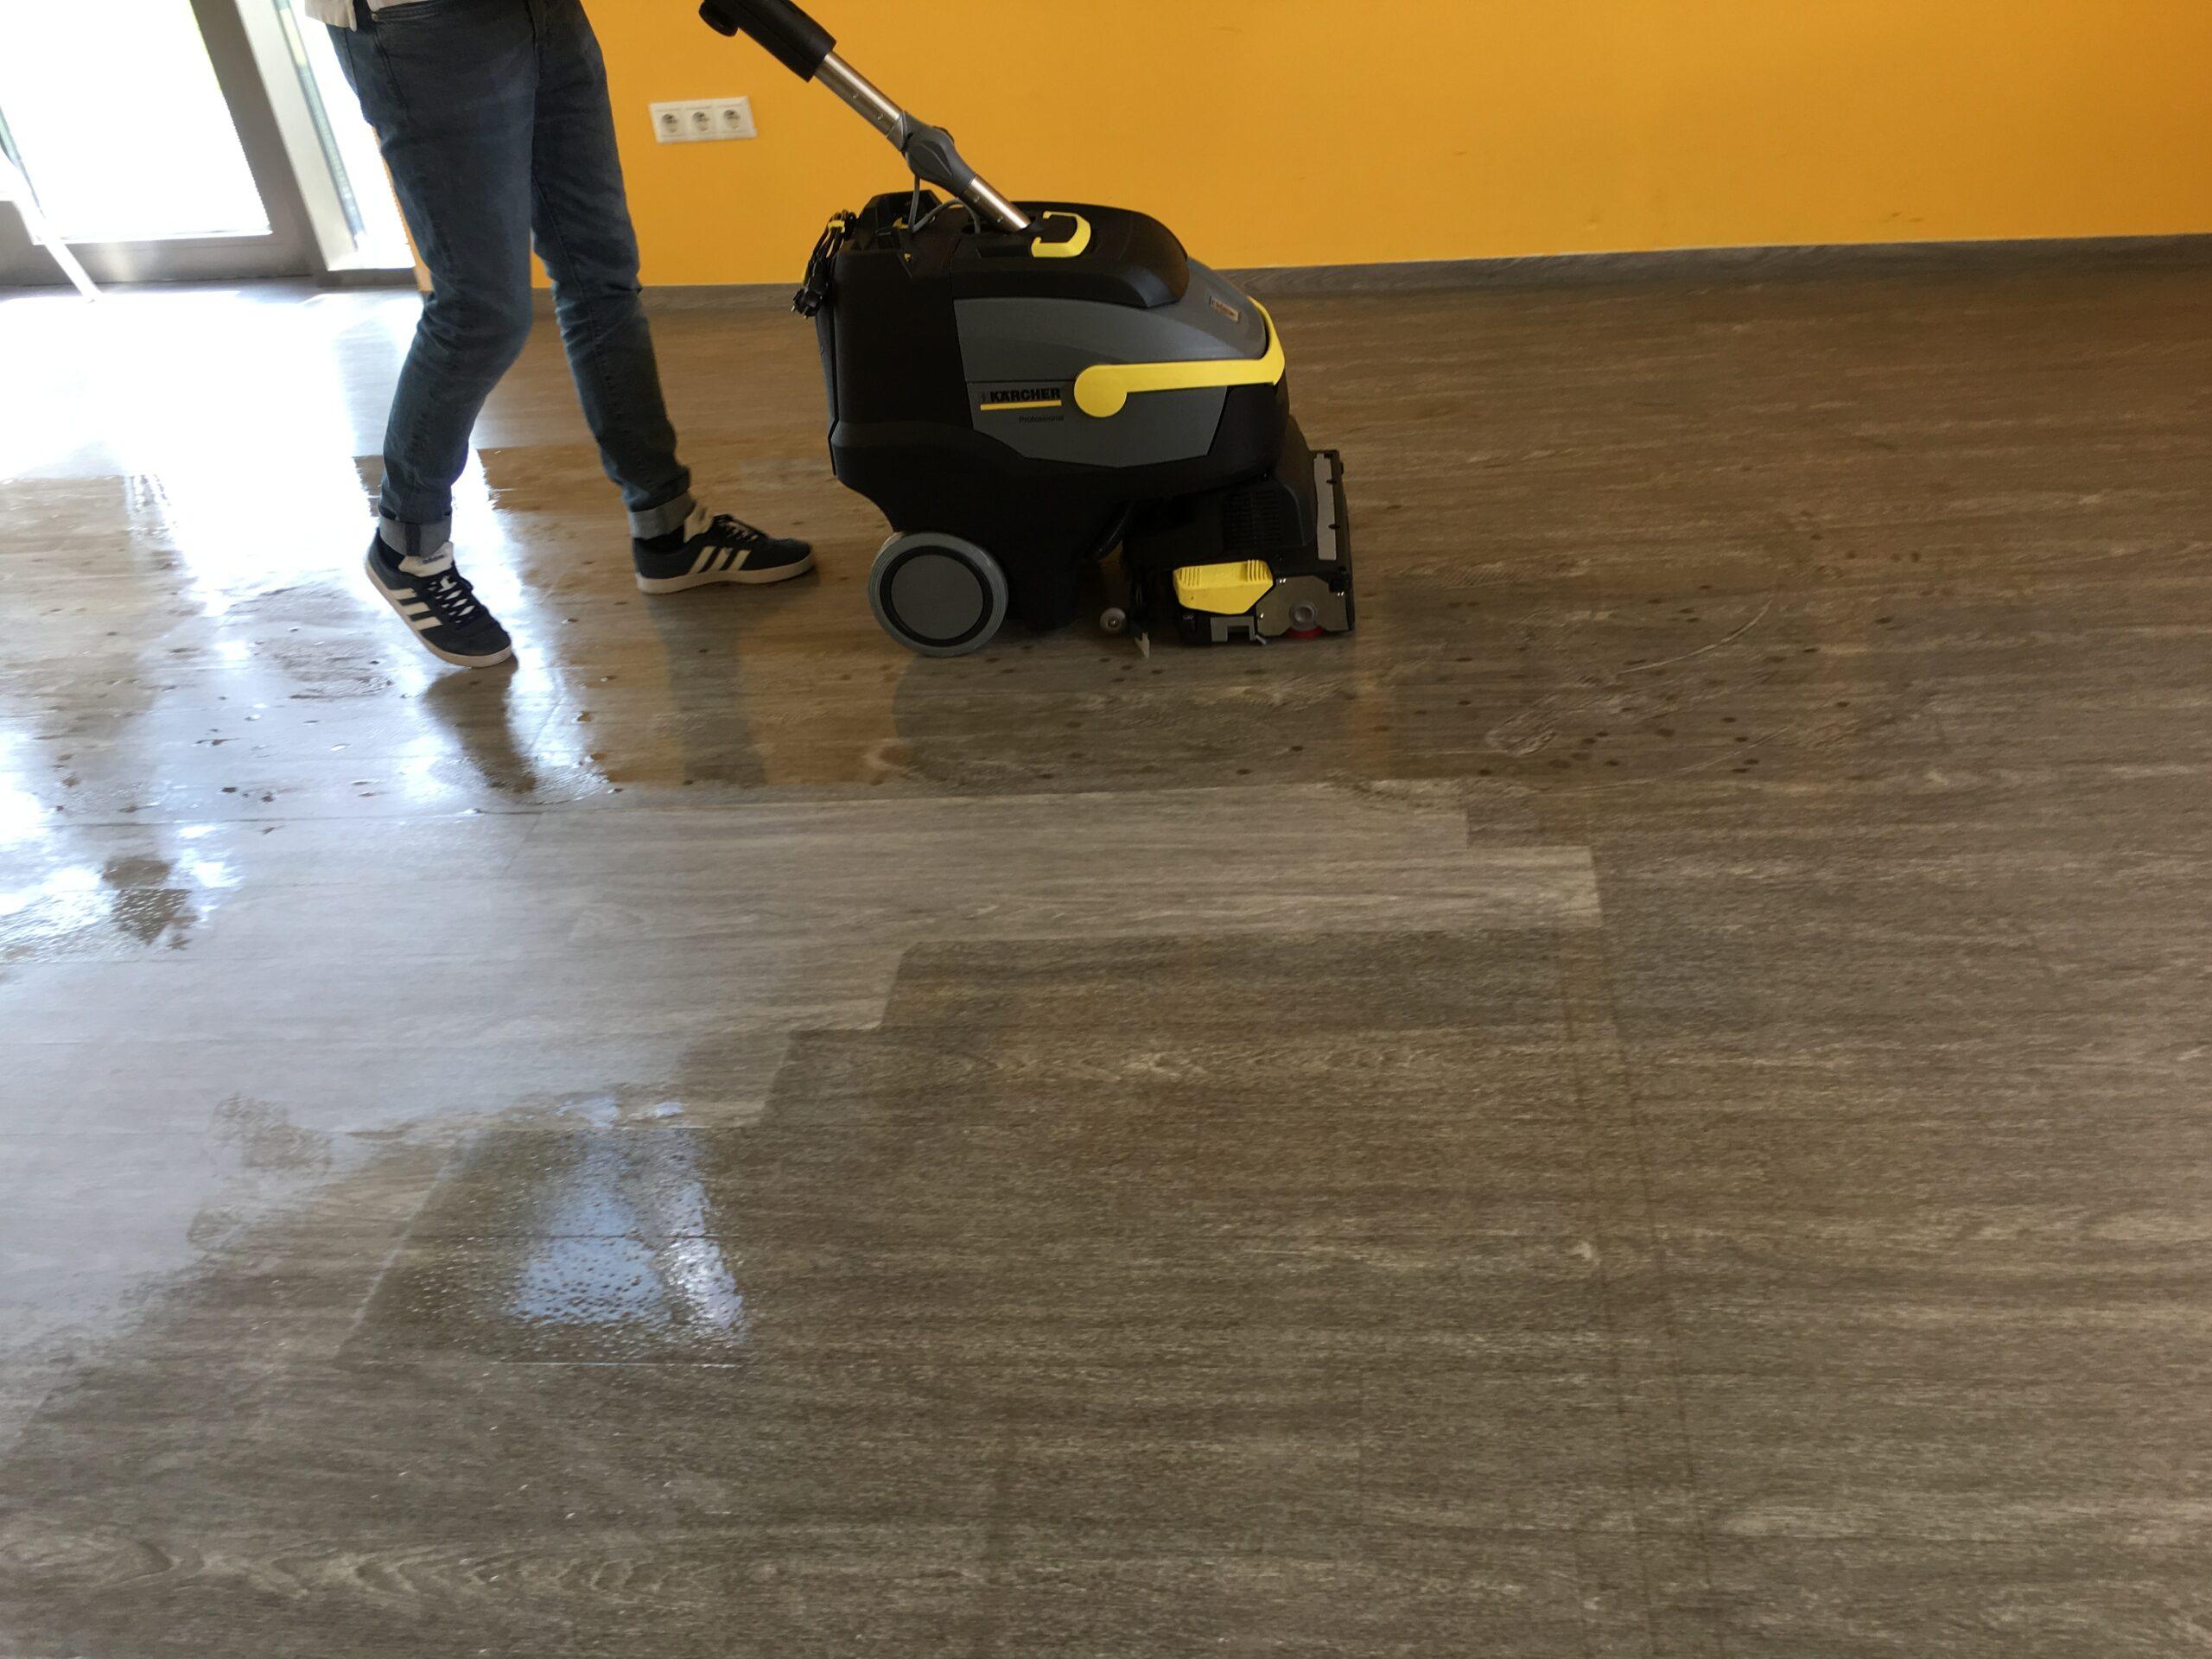 čistenie vinylovej podlahy umývacím automatom 5